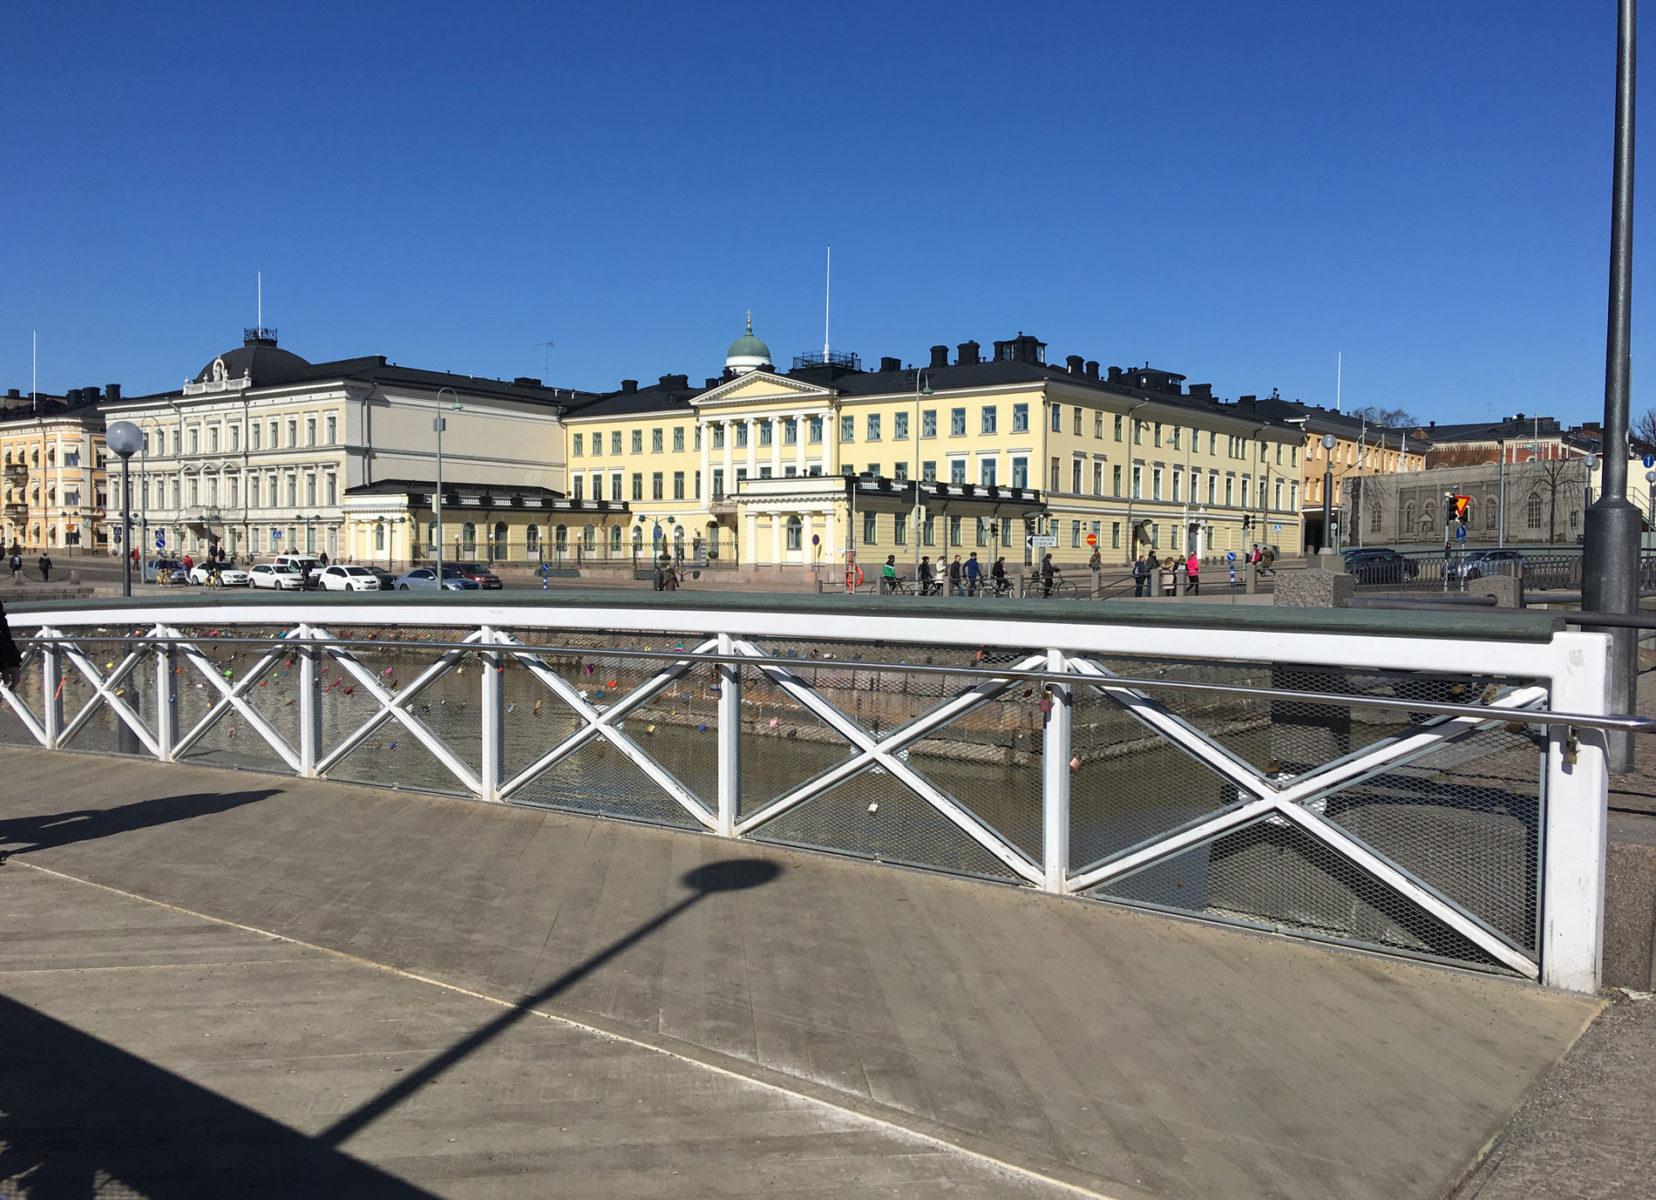 accoya sillankansi Presidentin linnan edessä